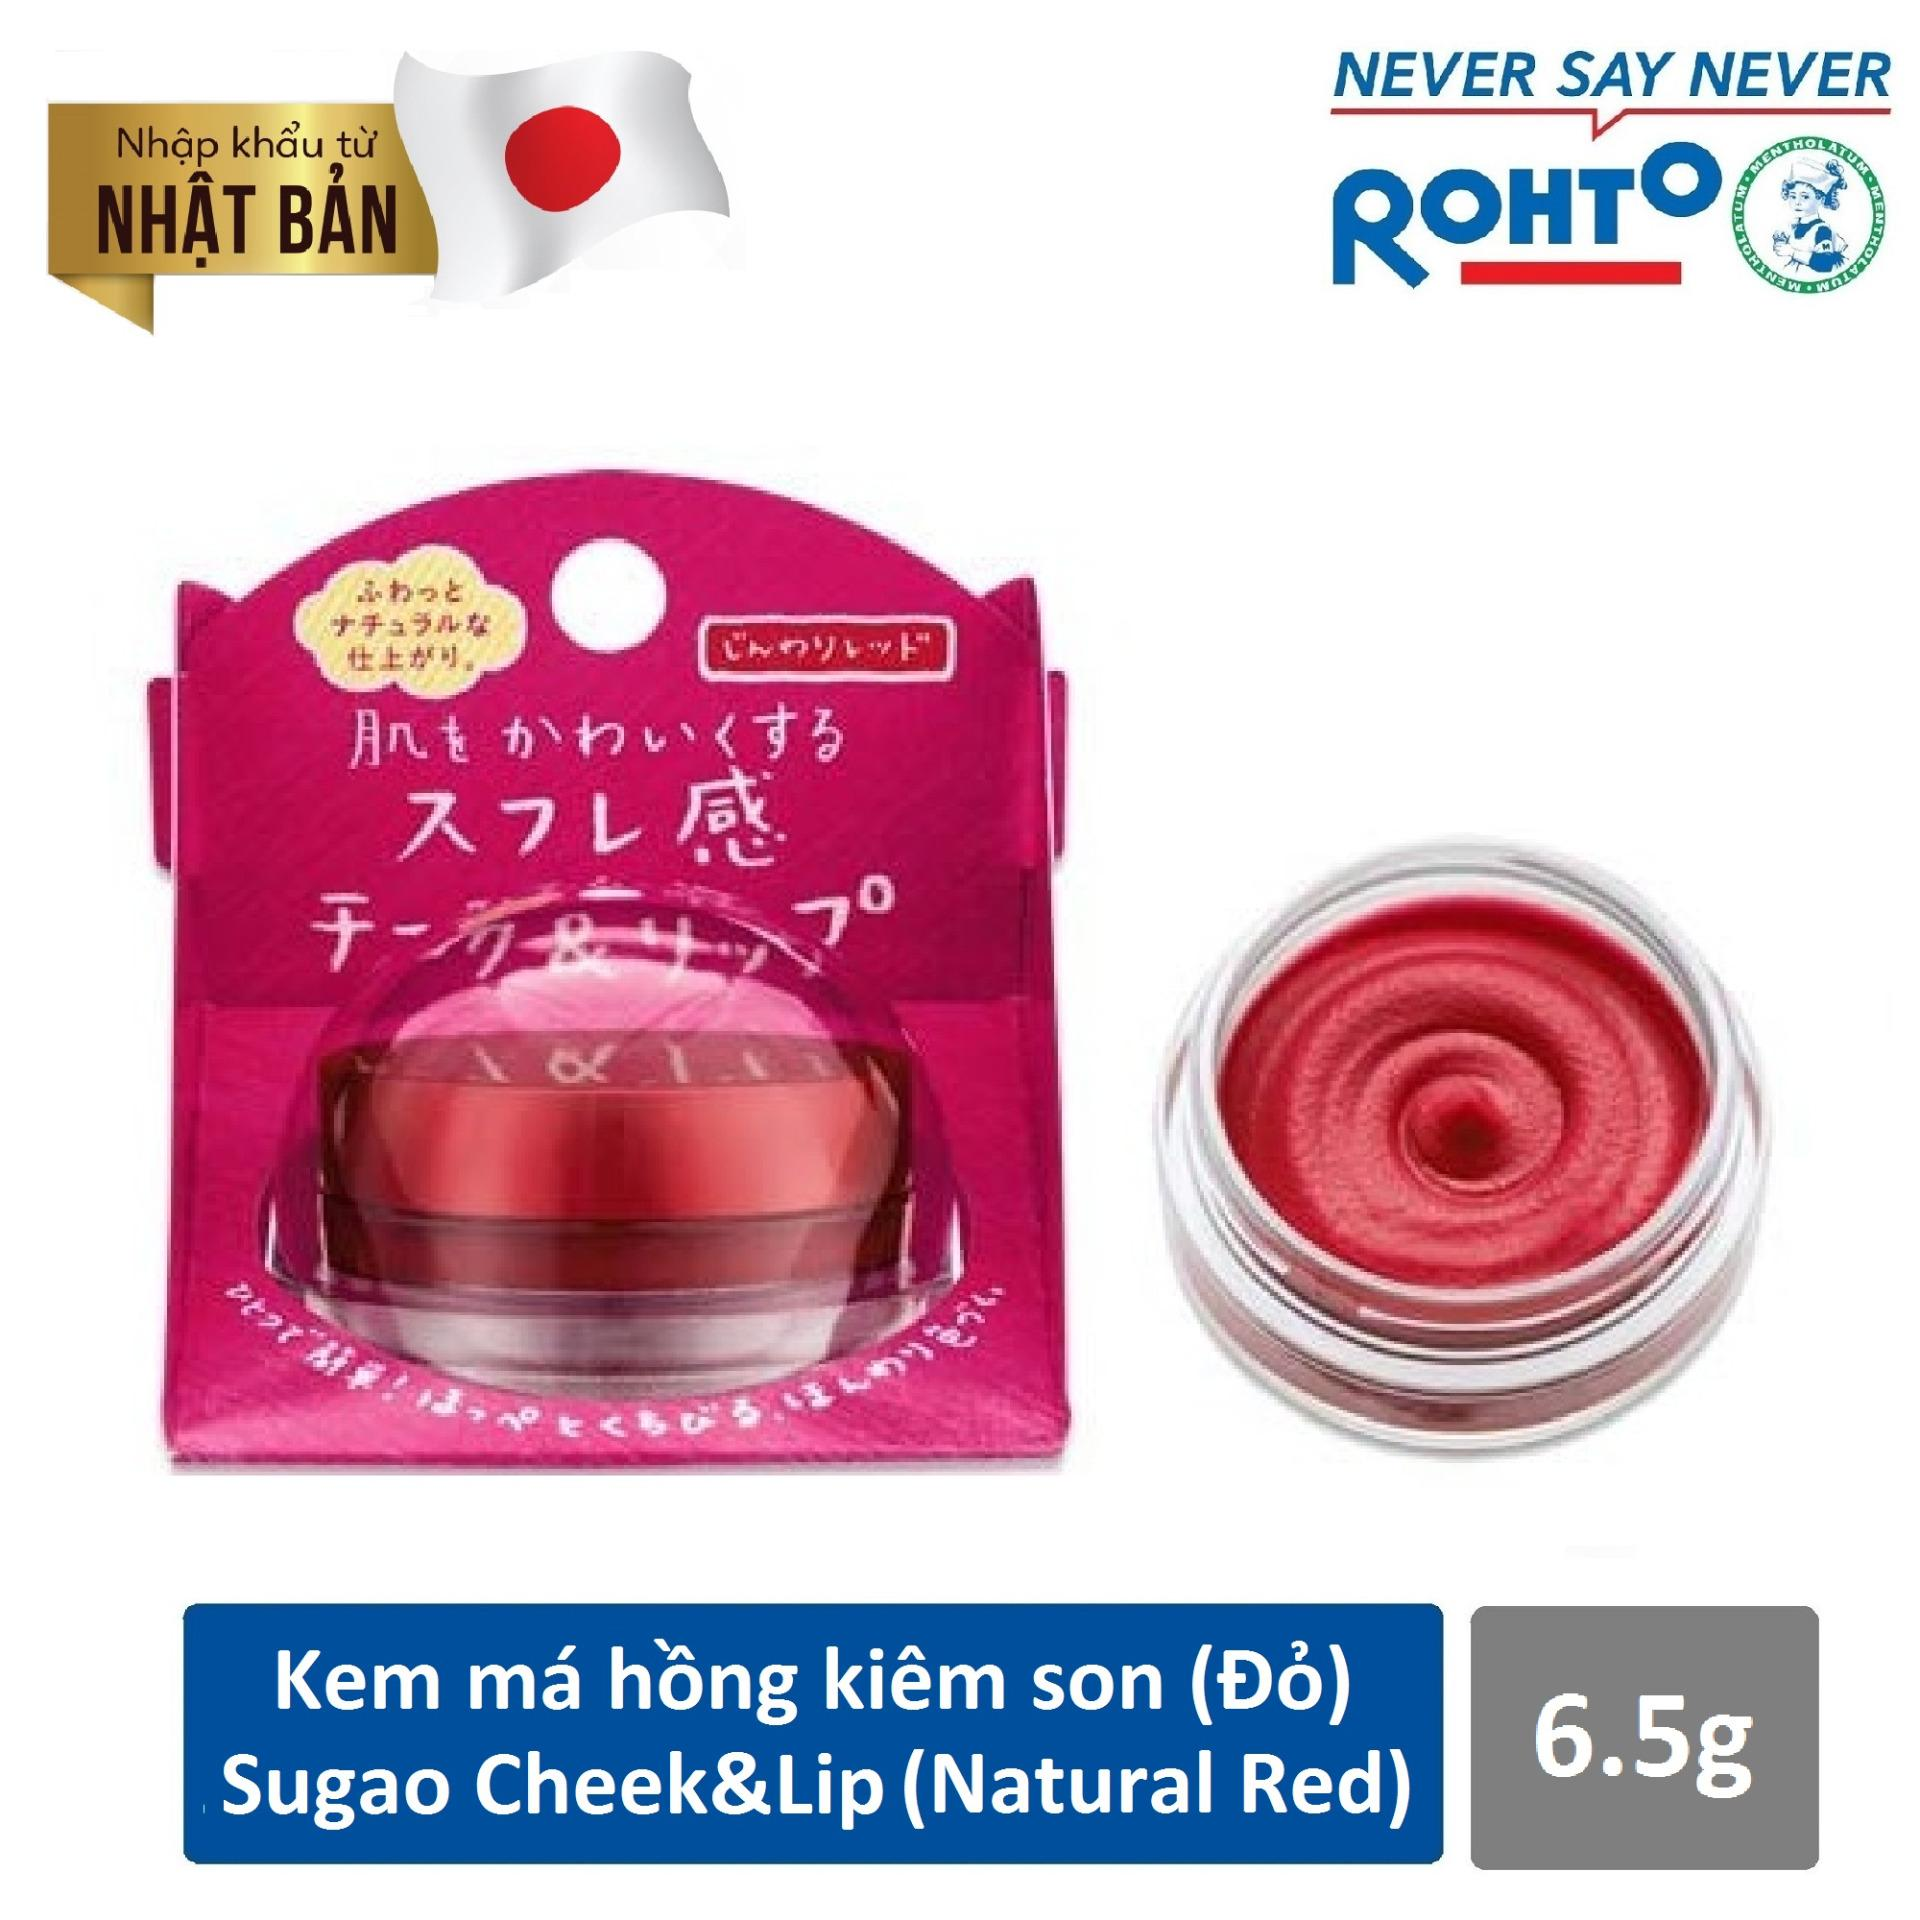 Mã Khuyến Mại Kem Ma Hồng Kiem Son Mau Đỏ Sugao Air Fit Cheek Lip Natural Red 6 5G Nhập Khẩu Từ Nhật Bản Sugao Mới Nhất